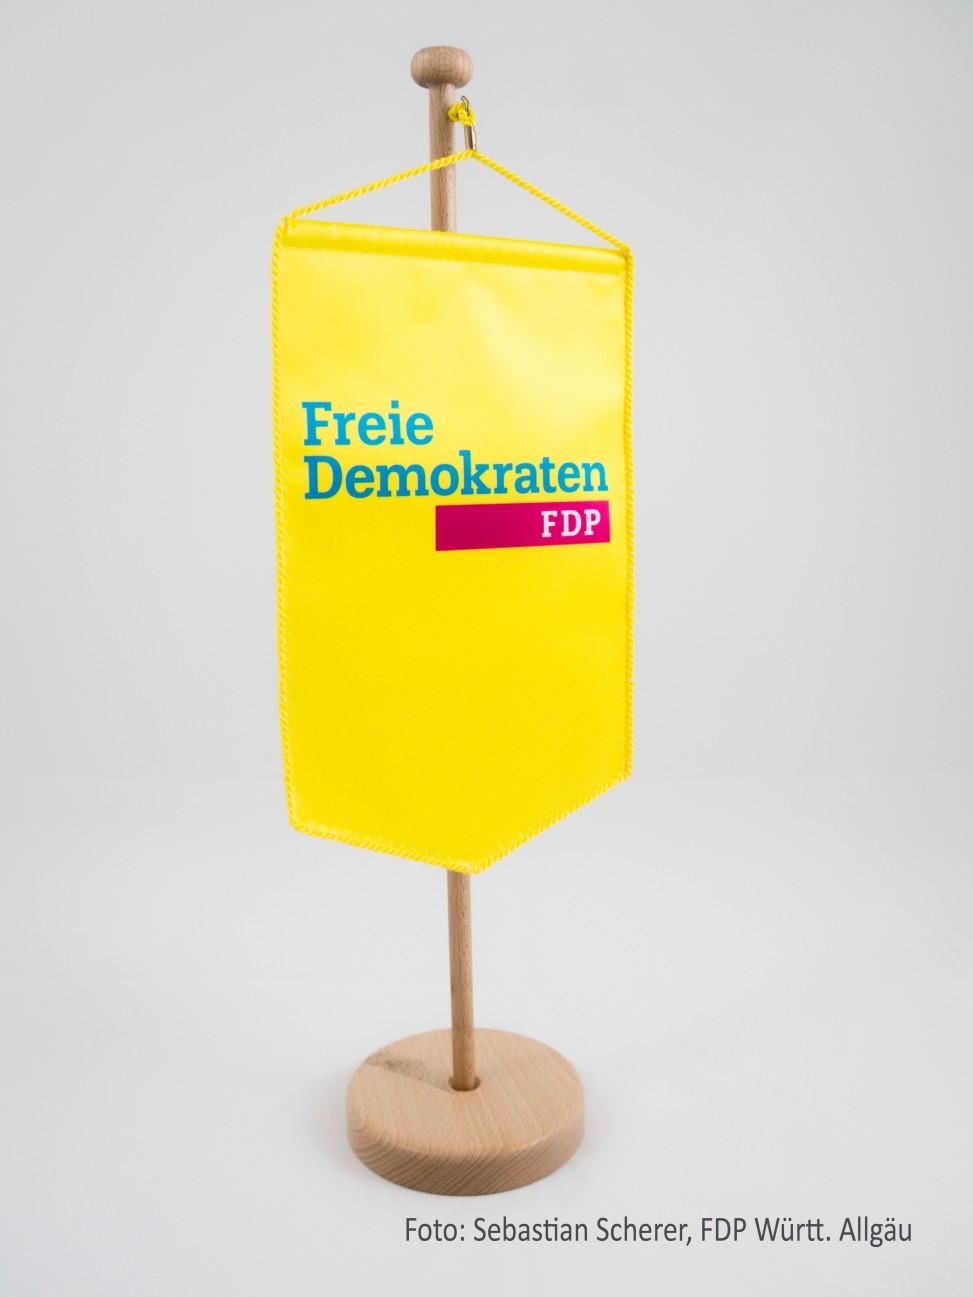 Wimpel der FDP Württembergisches Allgäu. Ihre FDP vor Ort in Wangen, Leutkirch und Isny.